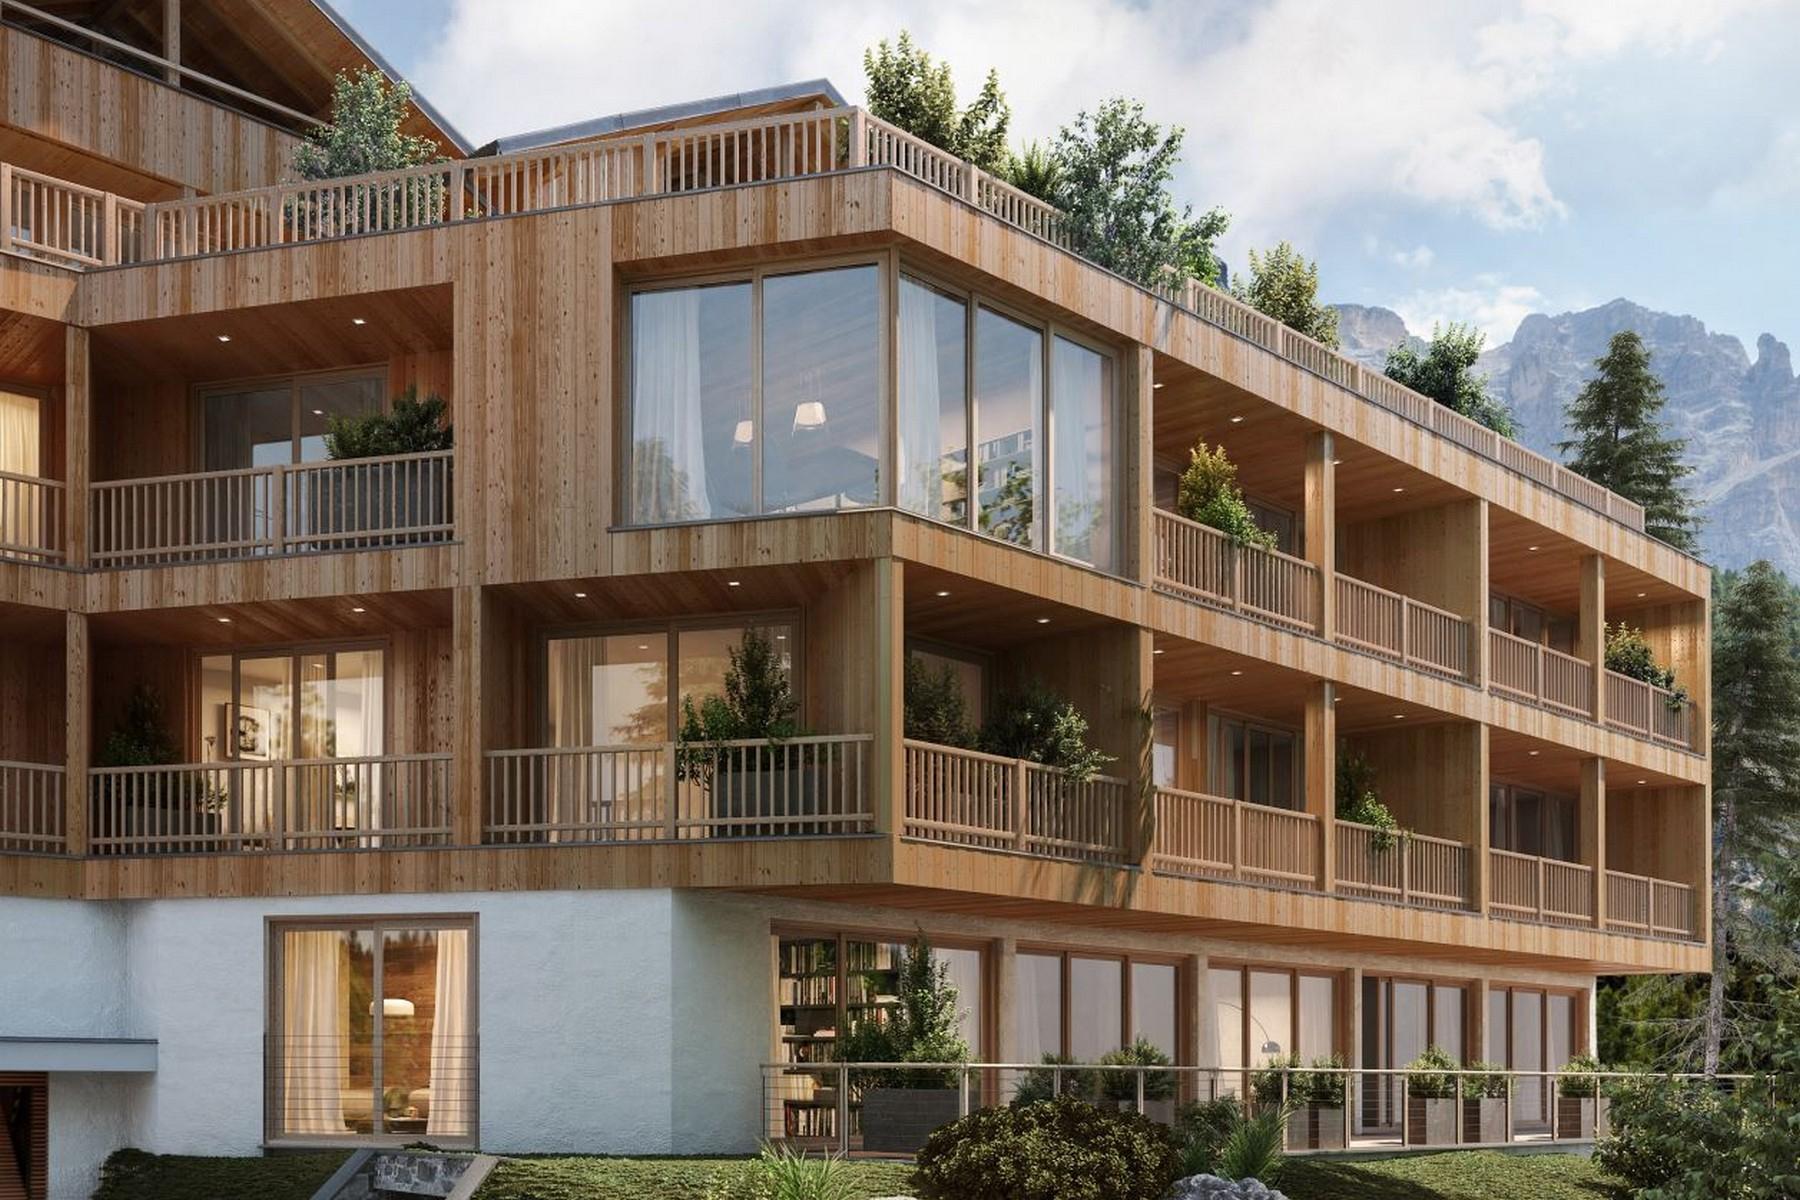 Appartamento in Vendita a Badia: 5 locali, 120 mq - Foto 4